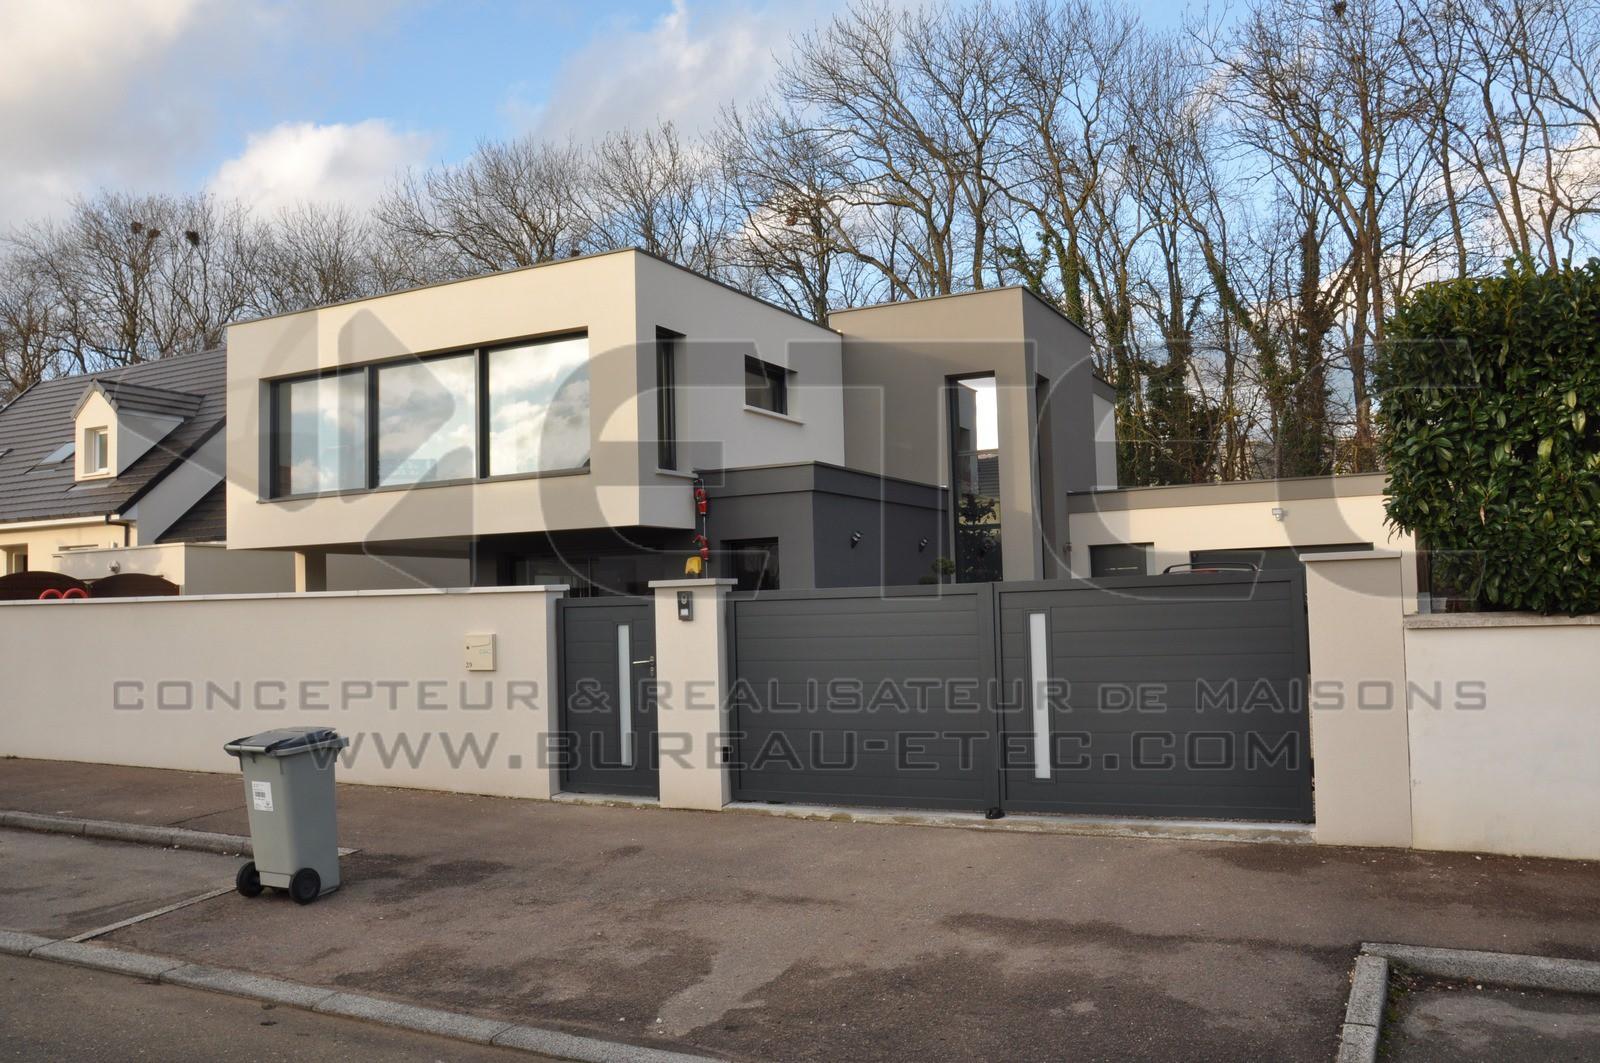 Maison Contemporaine Toit Terrasse maison toit terrasse à dijon